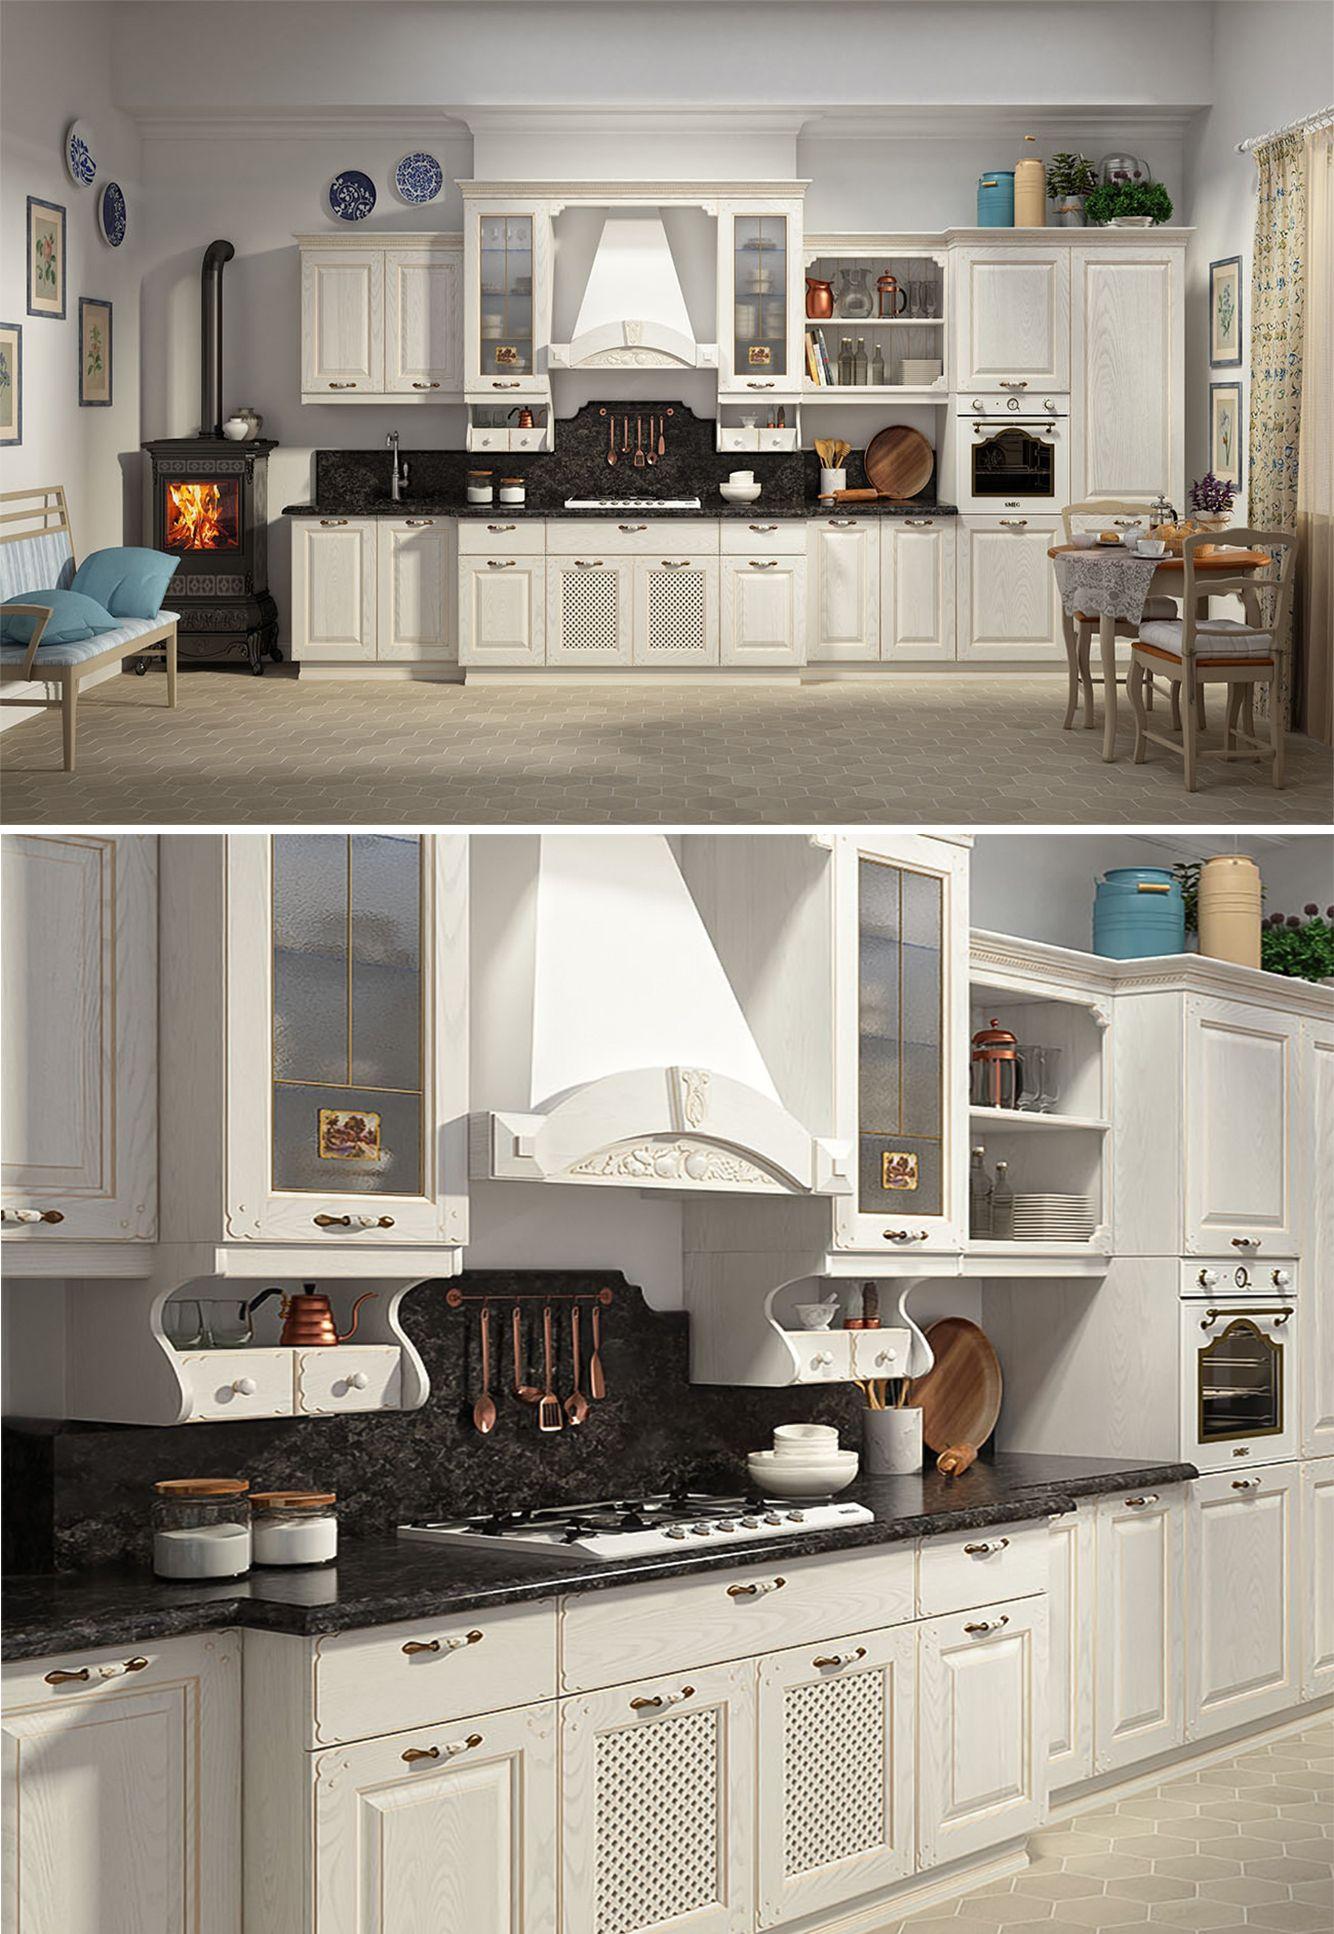 FRONTMATERIAL Massivholz Esche Küchenumbau, Haus küchen